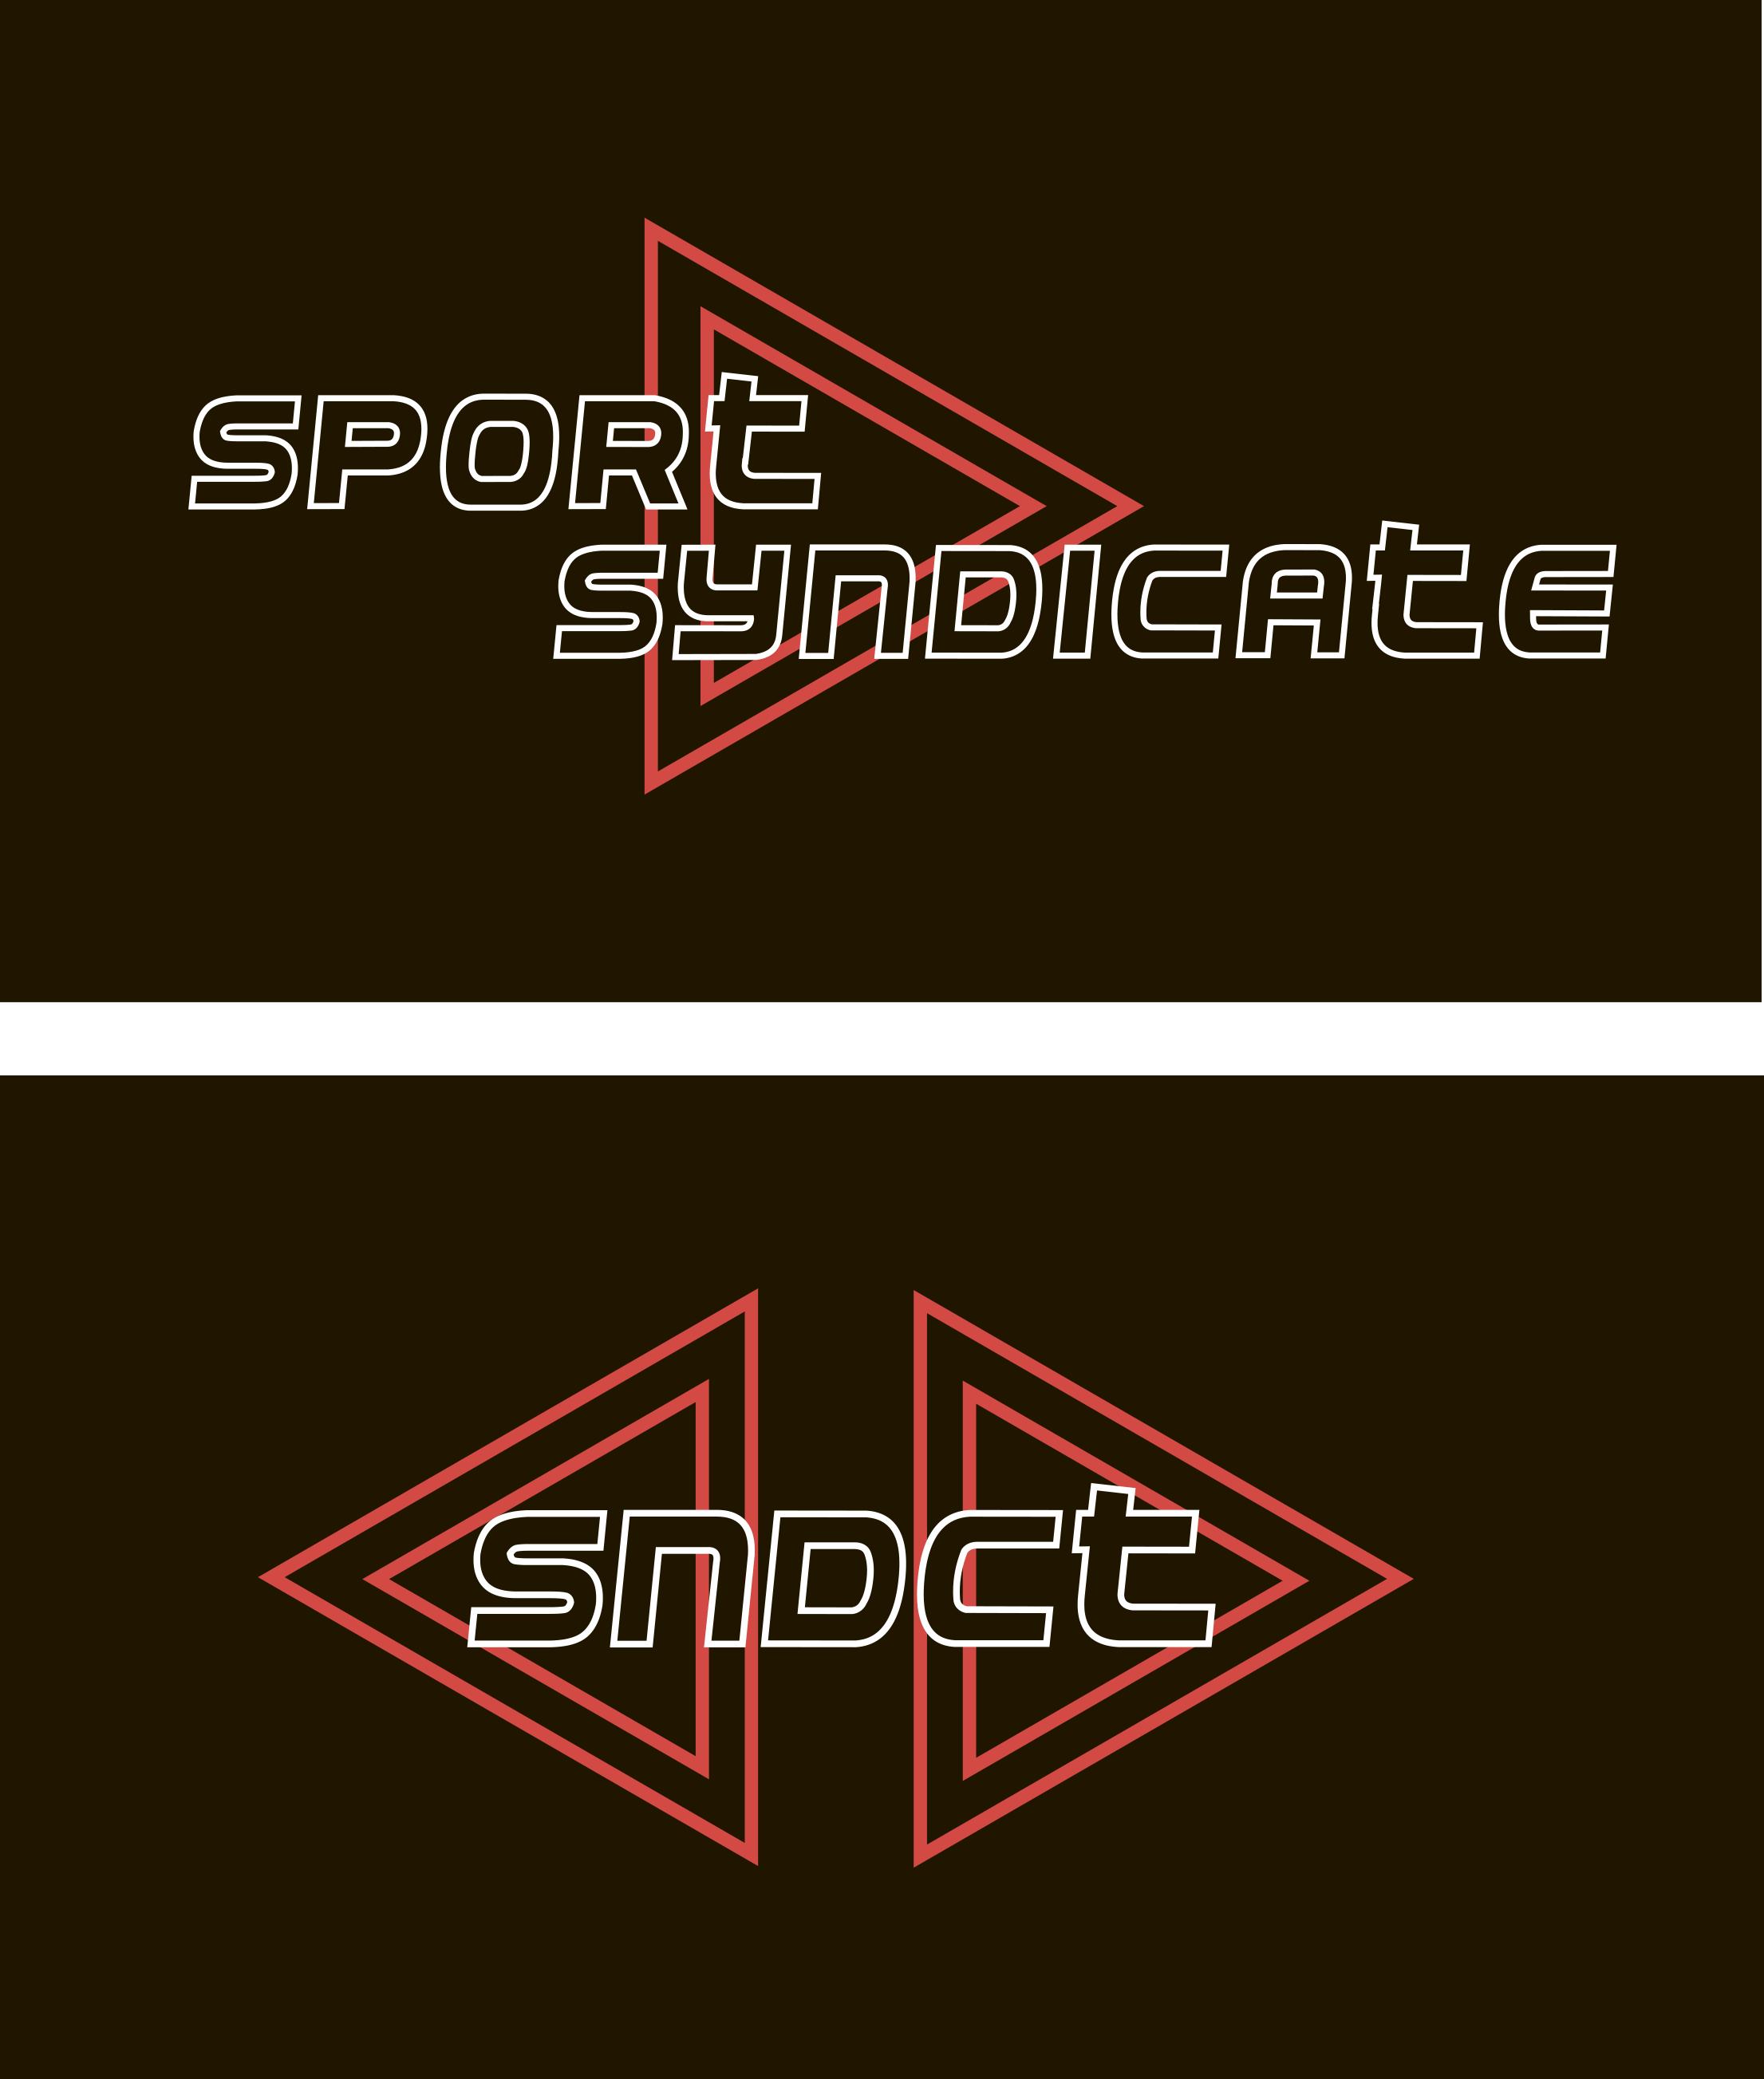 Создать логотип для сети магазинов спортивного питания фото f_97859707f9c6f580.png